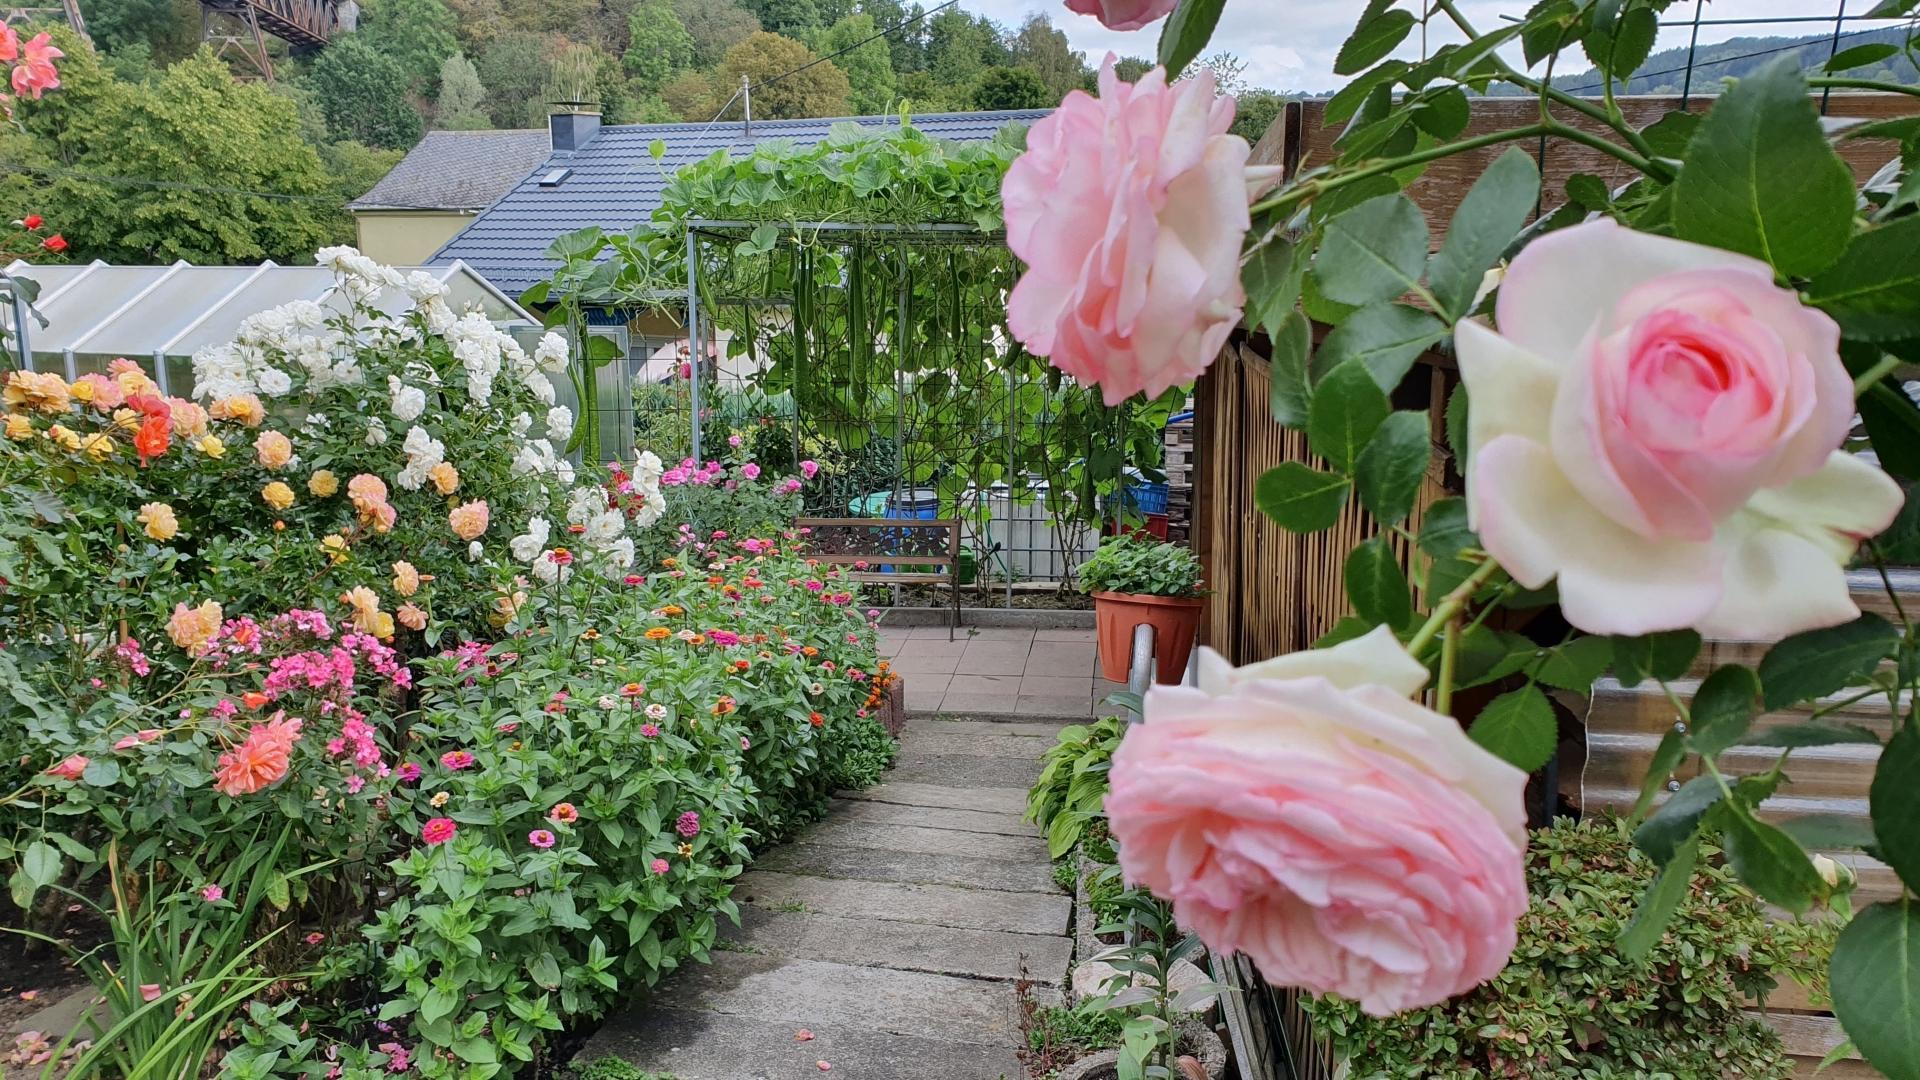 Khu vườn 1000m2 đầy hoa thơm trái ngọt của cặp vợ chồng người Việt ở Đức Ảnh 1